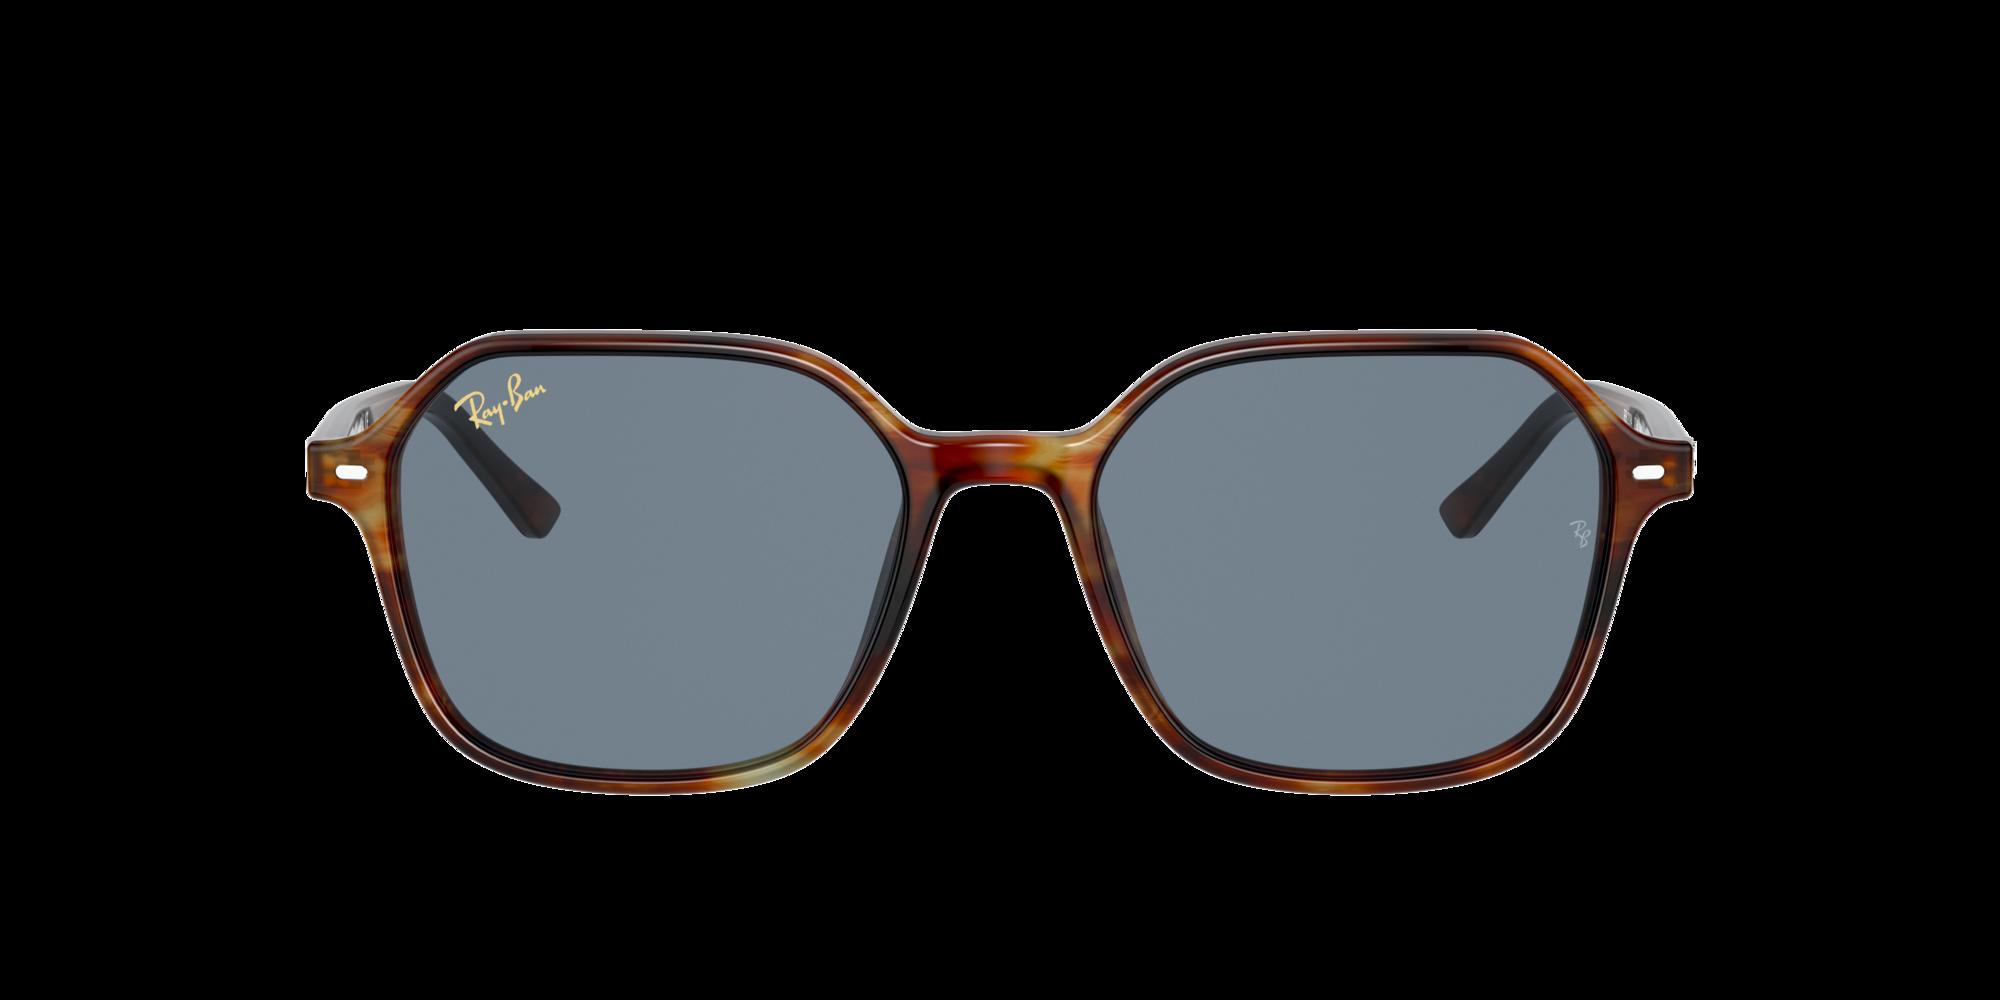 Imagen para JOHN de LensCrafters |  Espejuelos, espejuelos graduados en línea, gafas